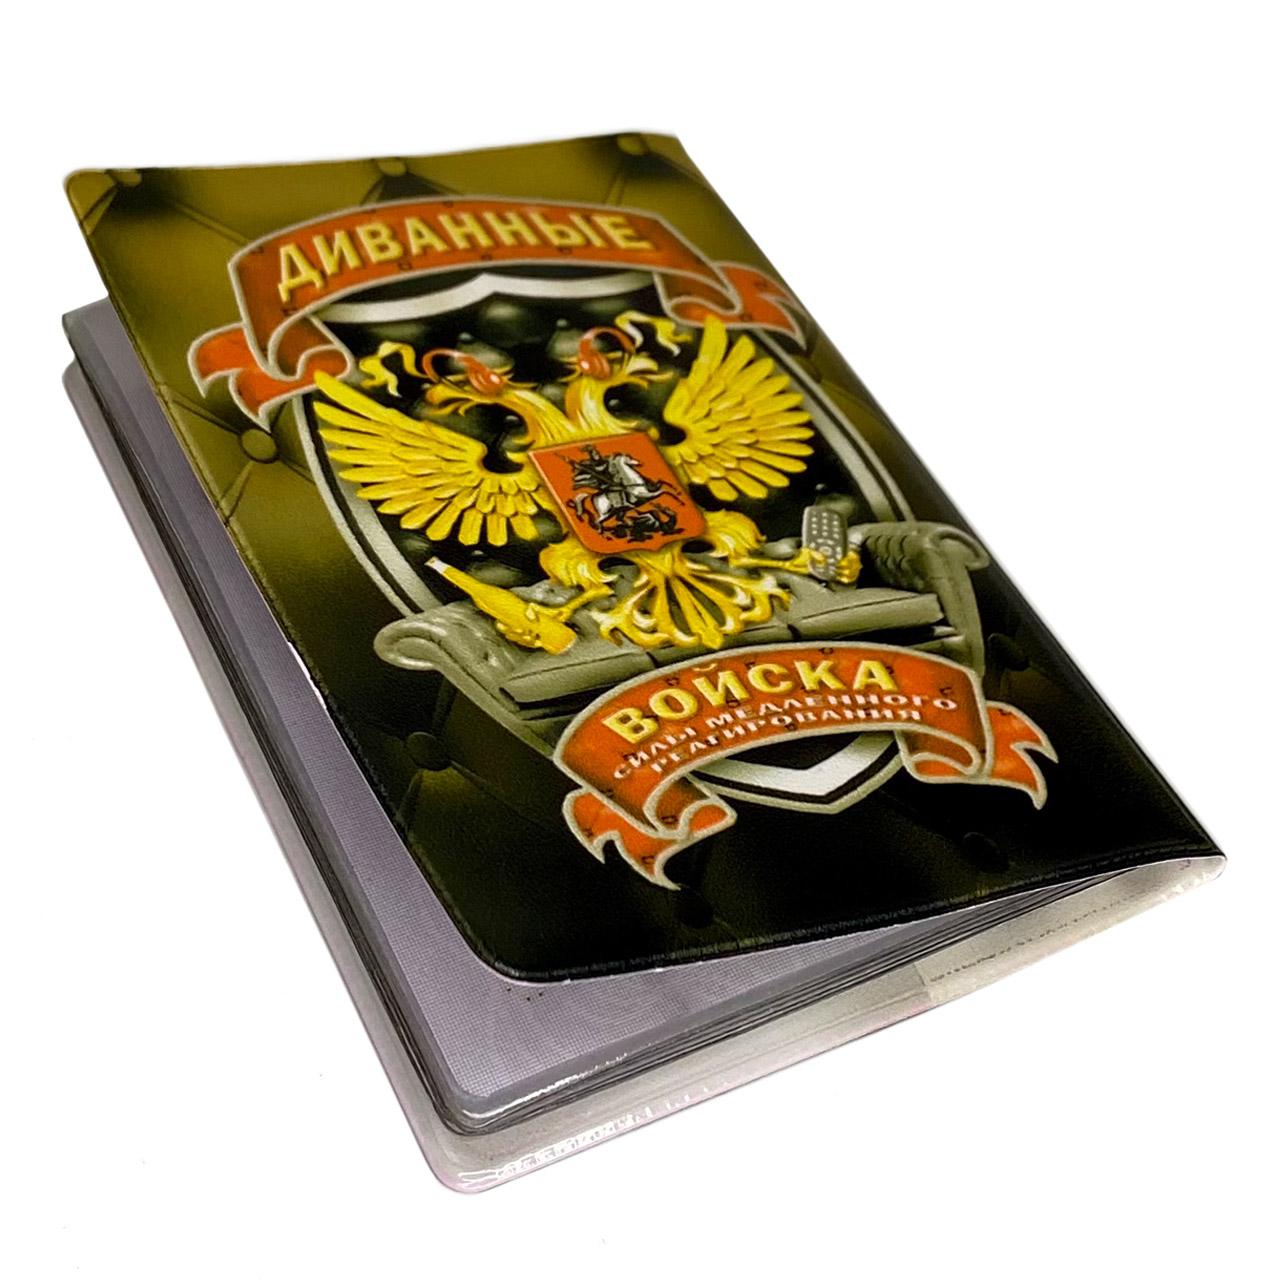 Обложка на паспорт Диванные войска